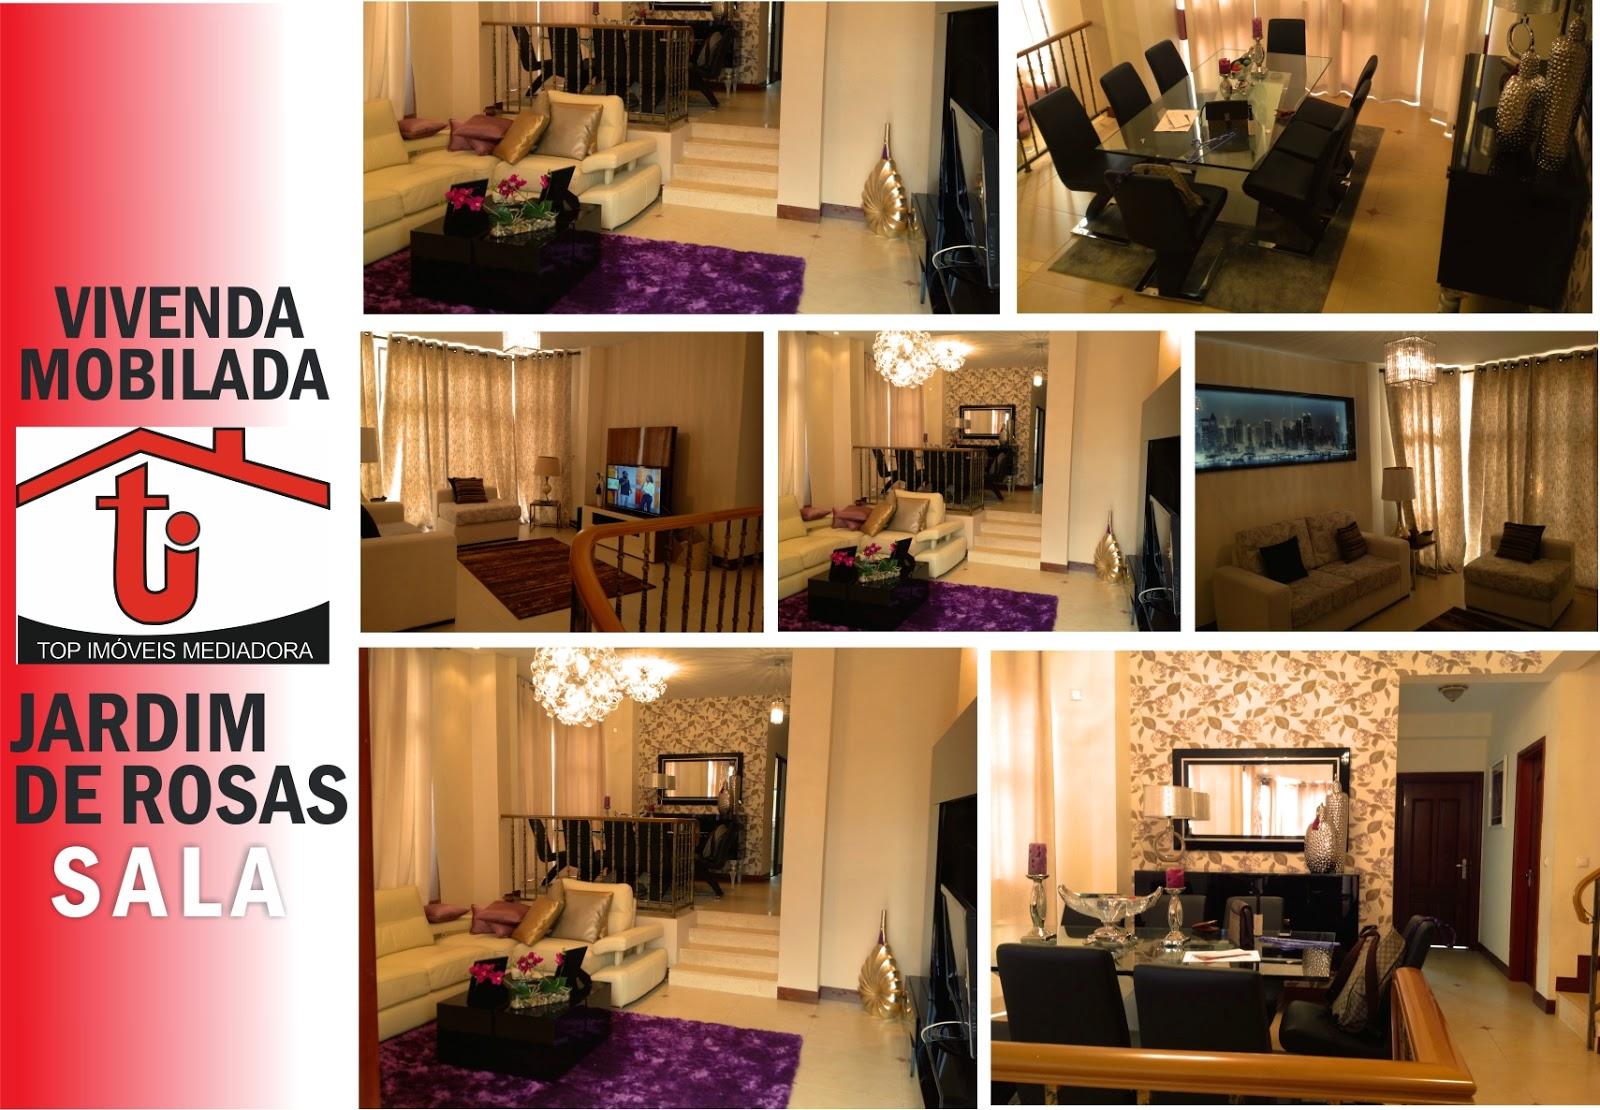 Top Imoveis Mediadora CONDOMINIO JARDIM DE ROSAS, VIVENDA V4 EM